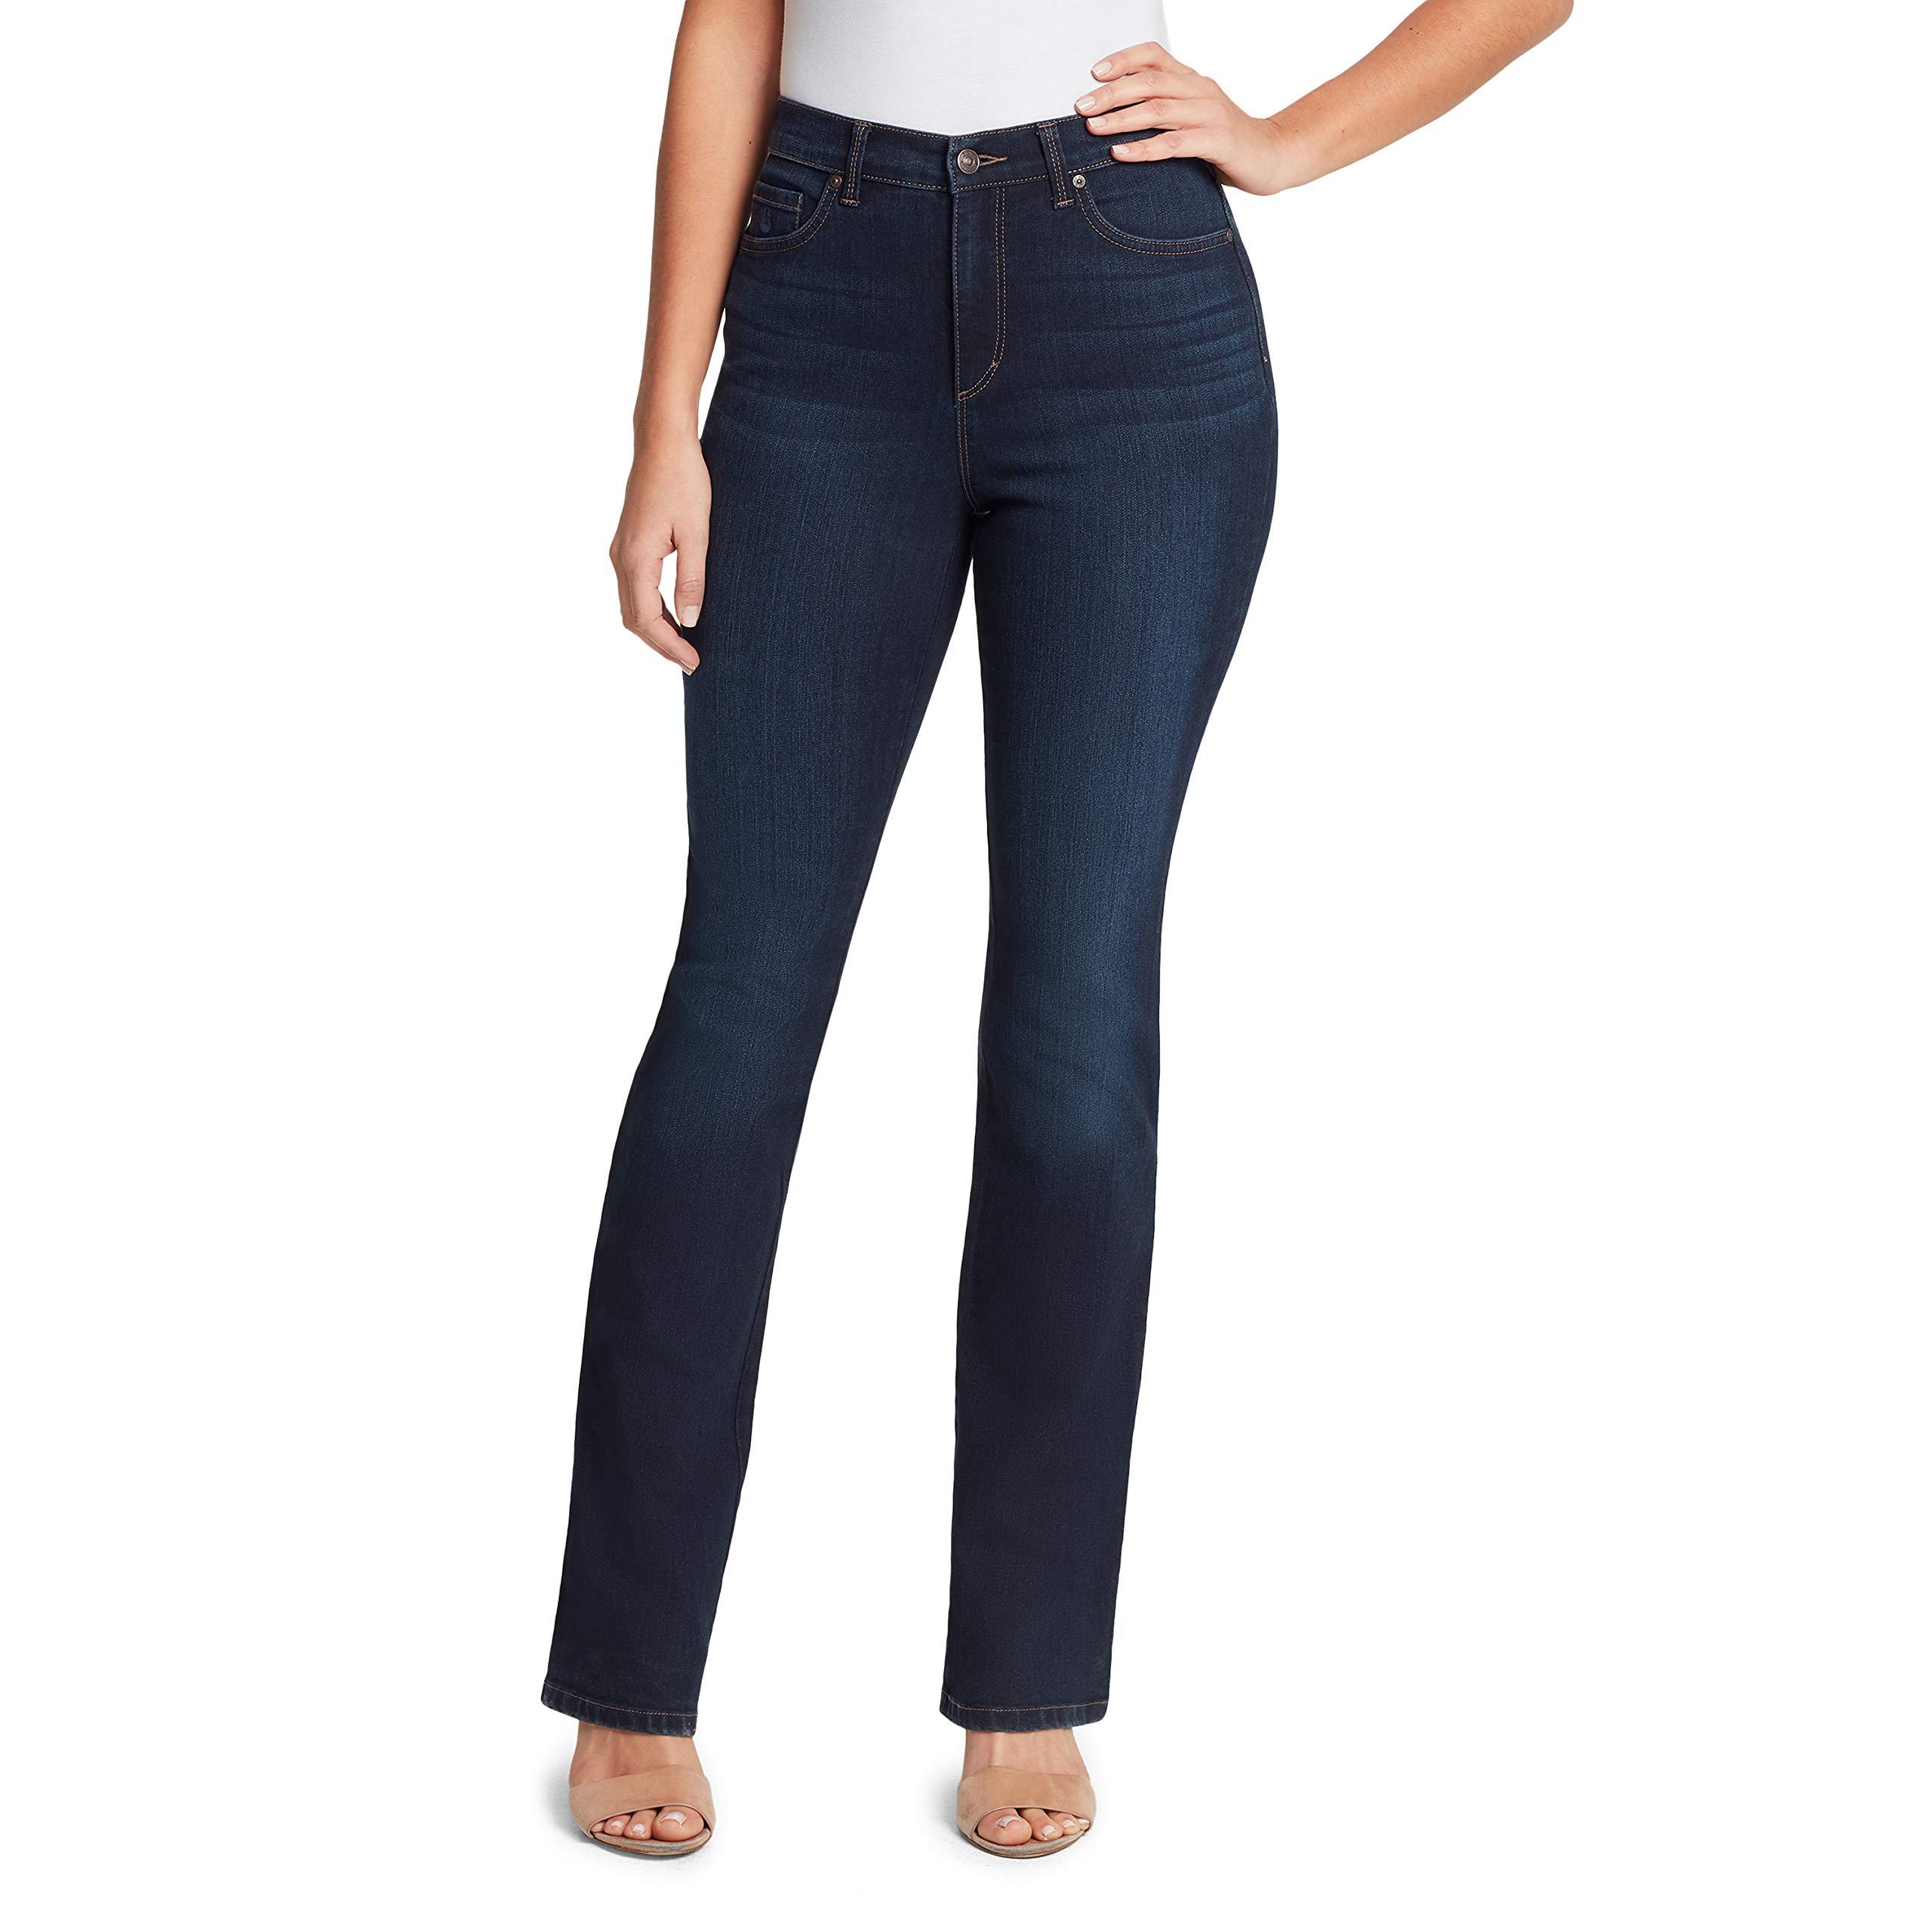 16 Ave Ladies/' Gloria Vanderbilt Amanda Original Slimming Jean Aqua Sky Size